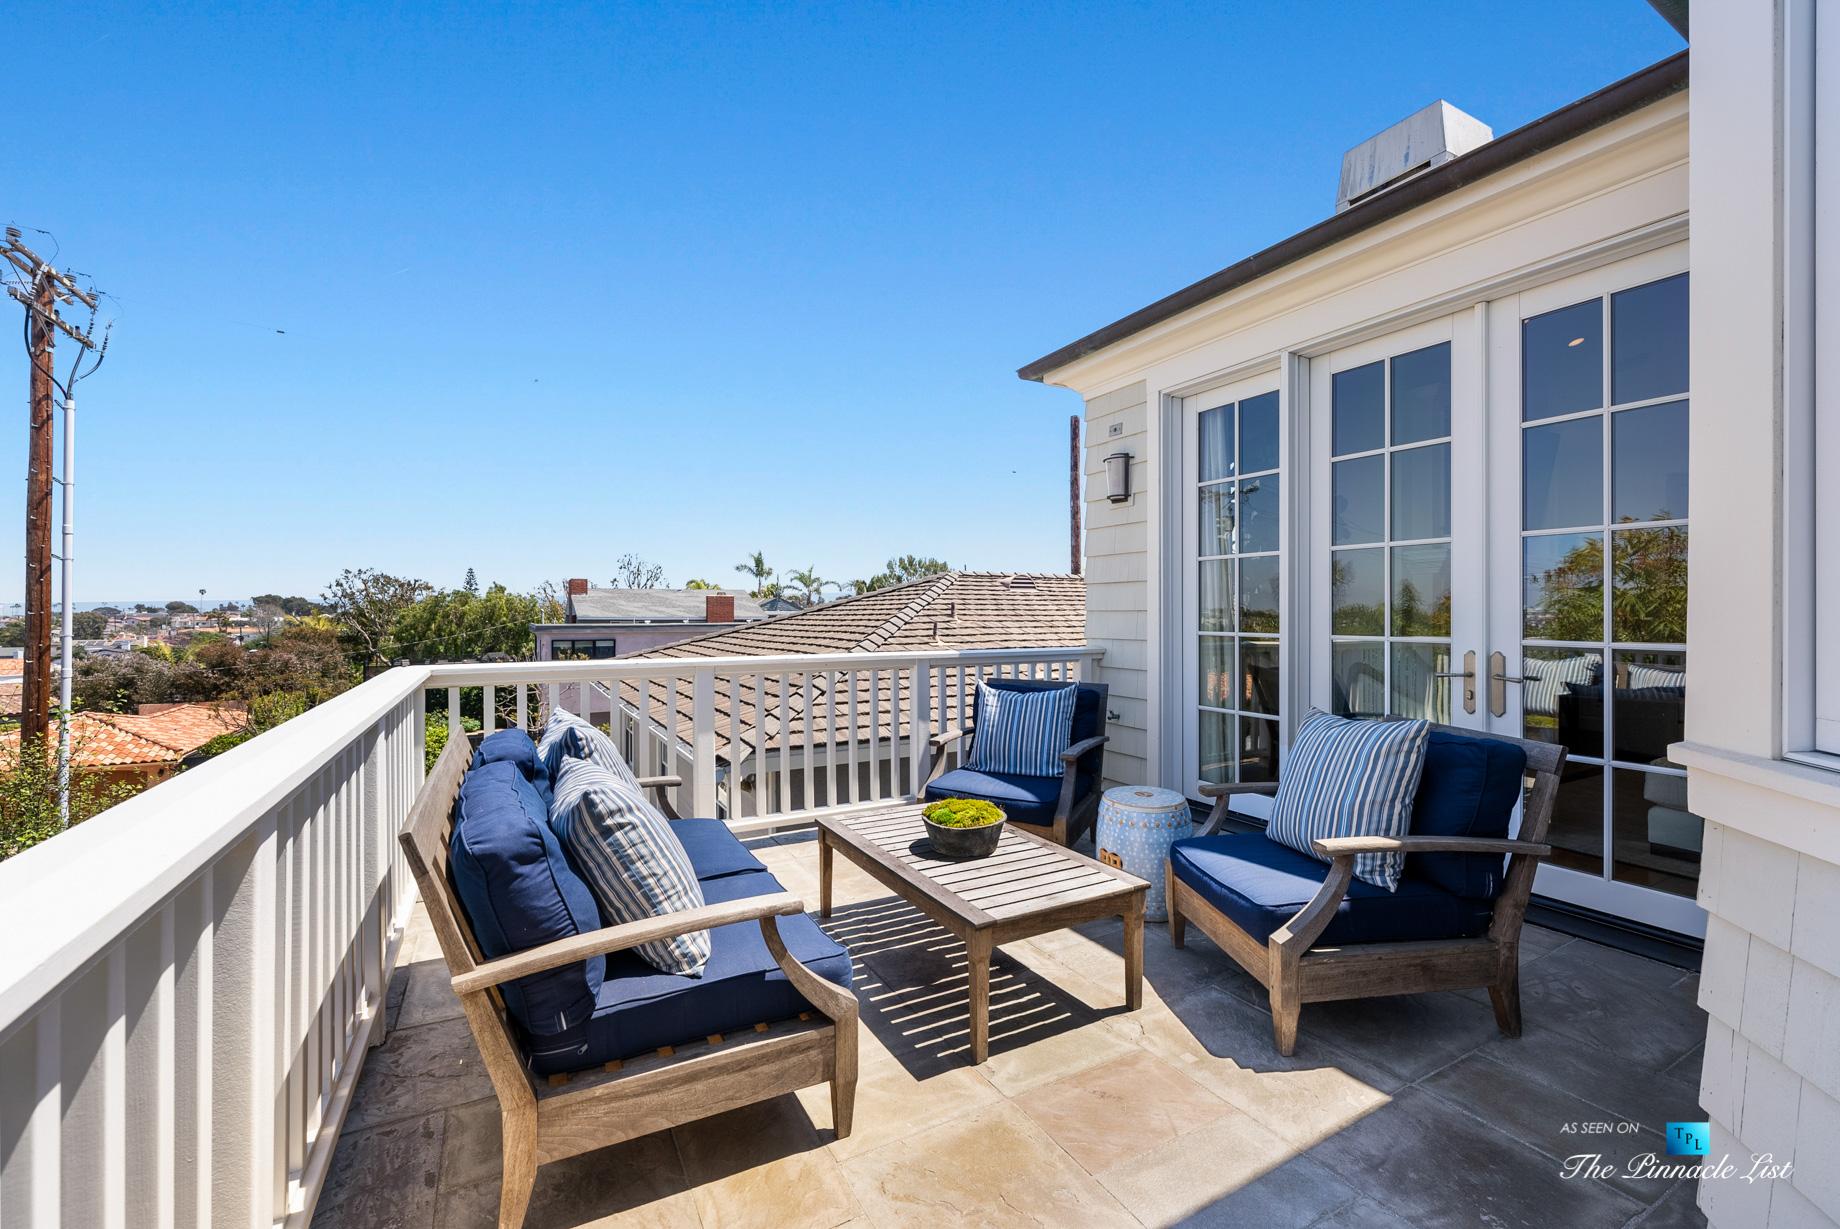 877 8th Street, Manhattan Beach, CA, USA - Top Level Patio Seating